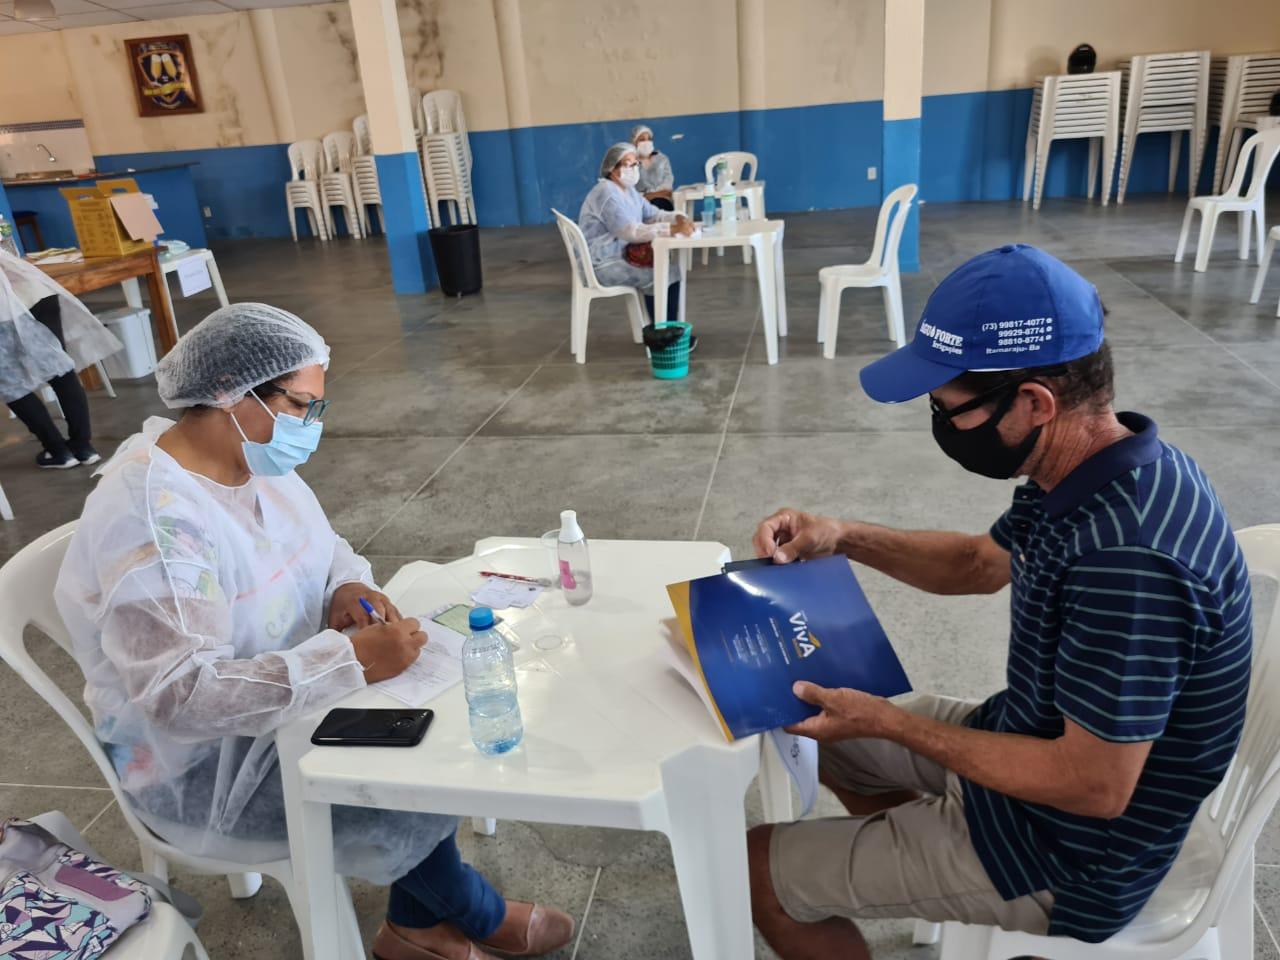 Segunda dose da vacina contra Covid-19 está garantida em Eunápolis 24